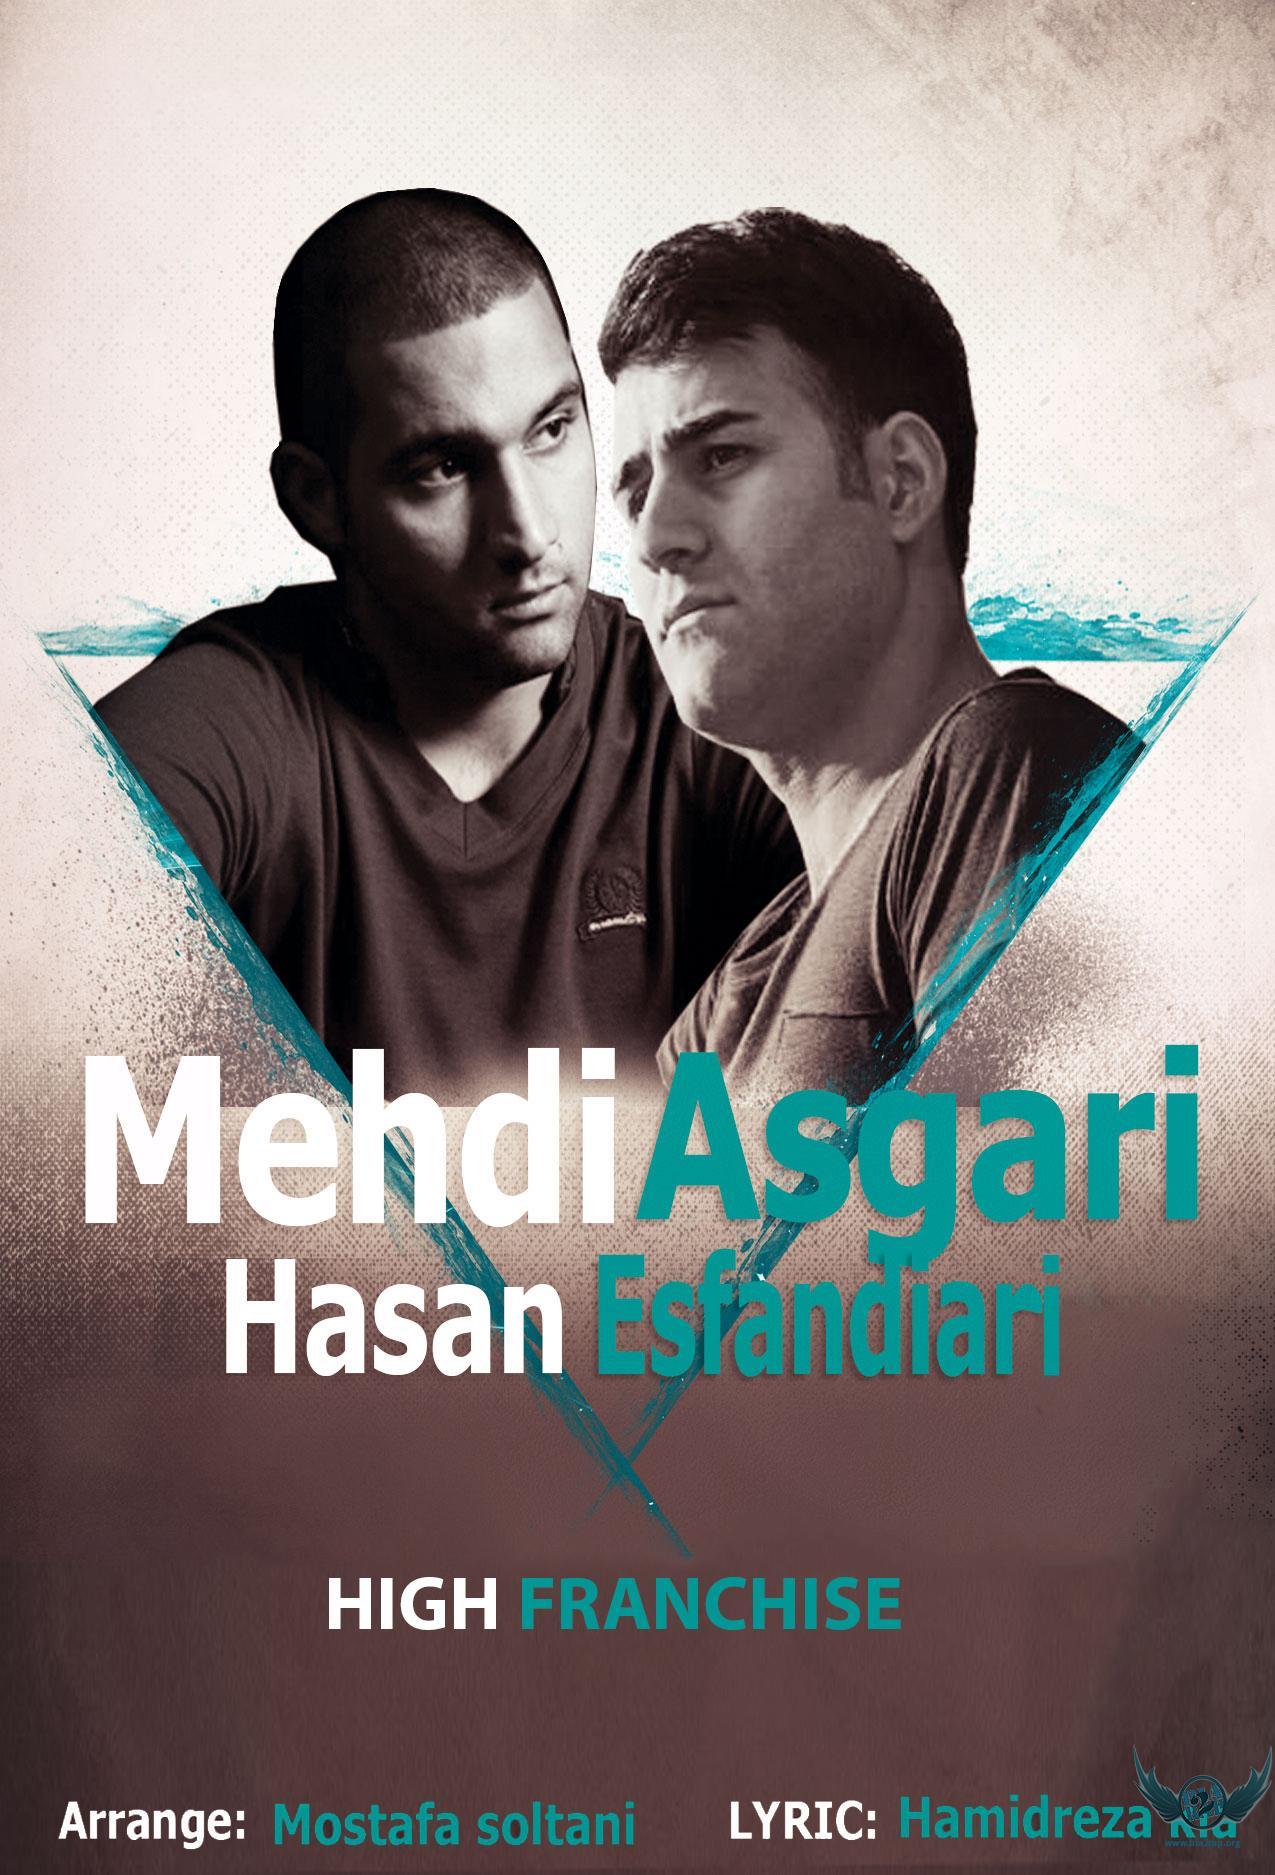 Mehdi Asgari – Hich franhise